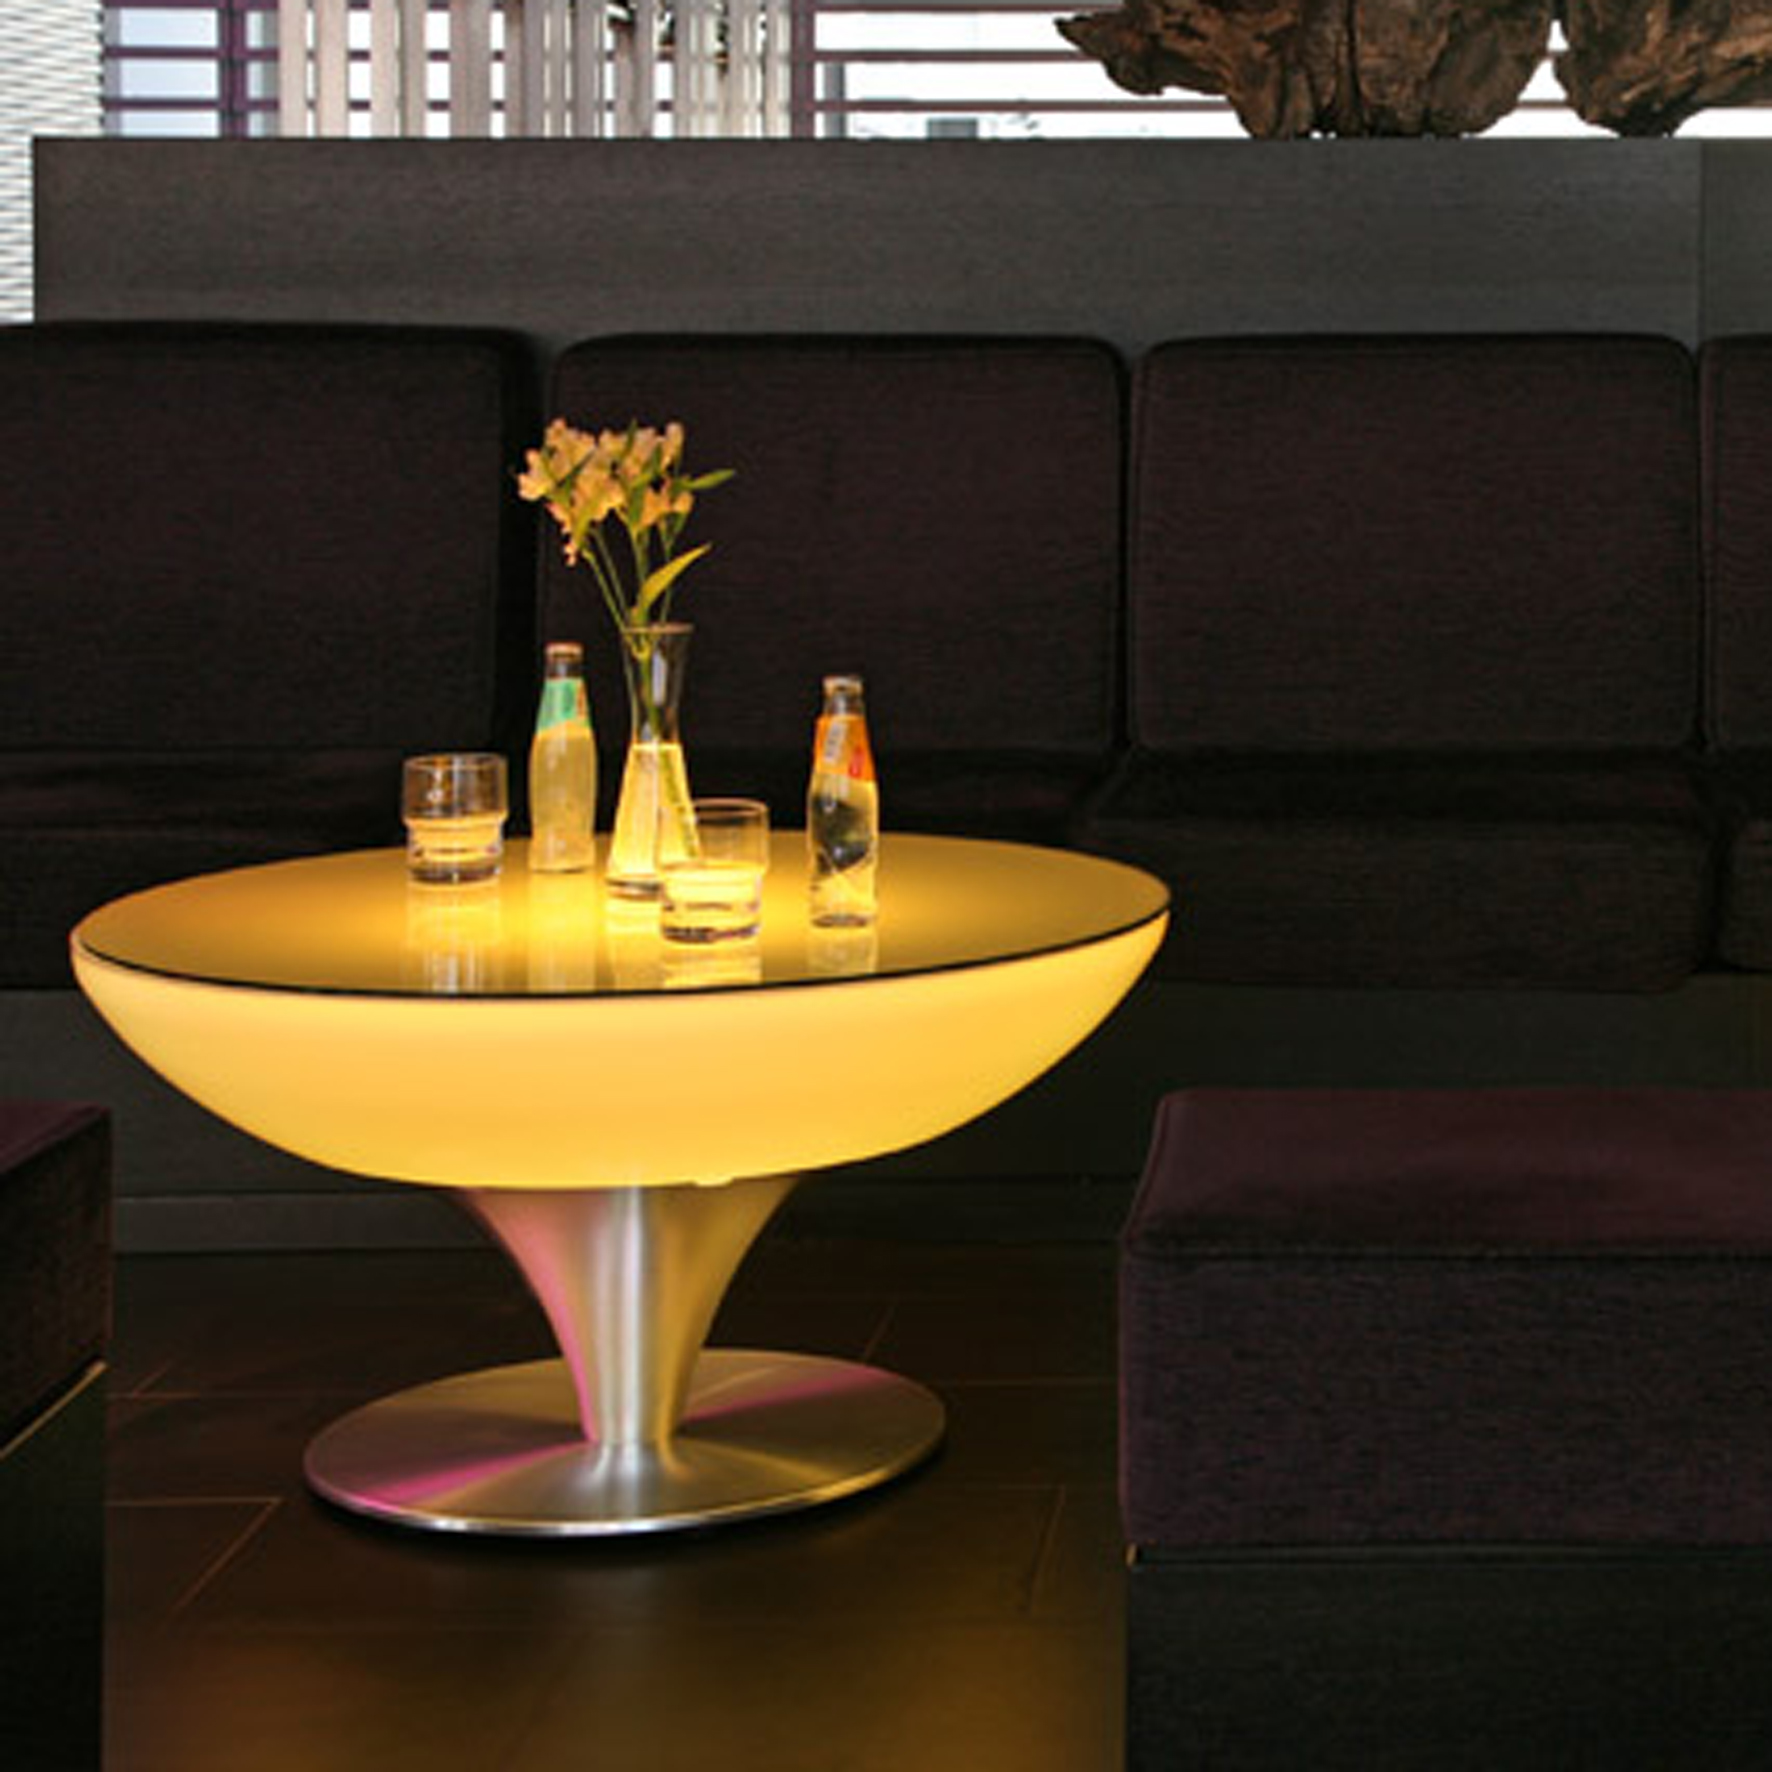 Lounge leucht tisch 45 55 75 105 led pro accu for Lounge tisch